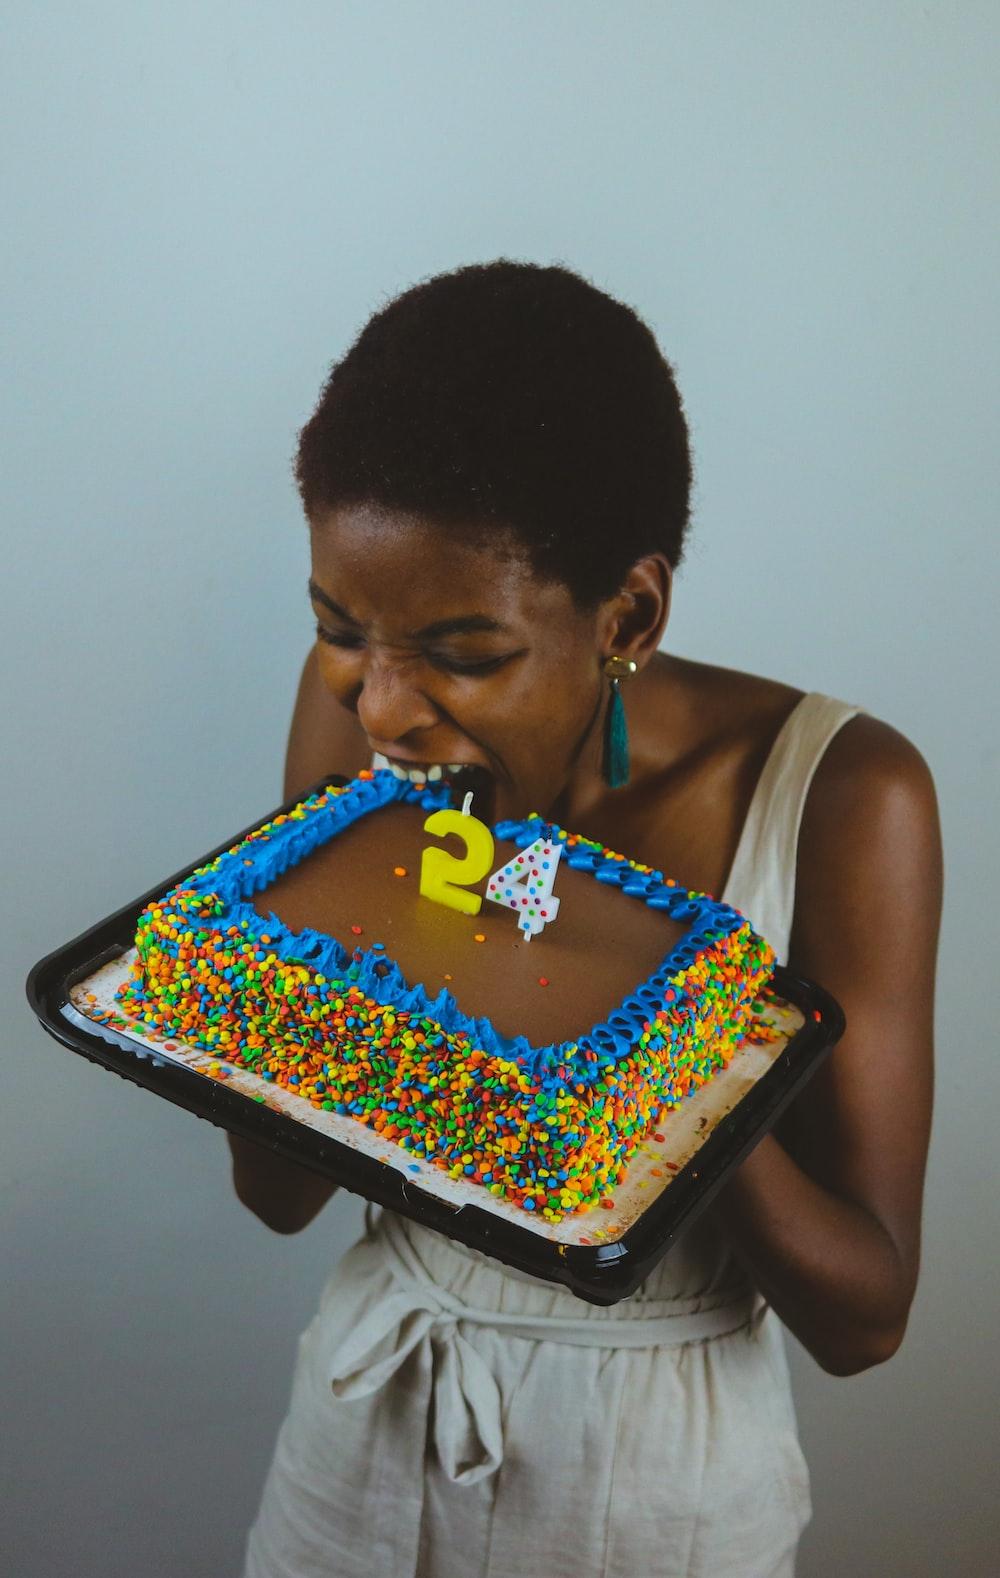 man in white tank top holding cake